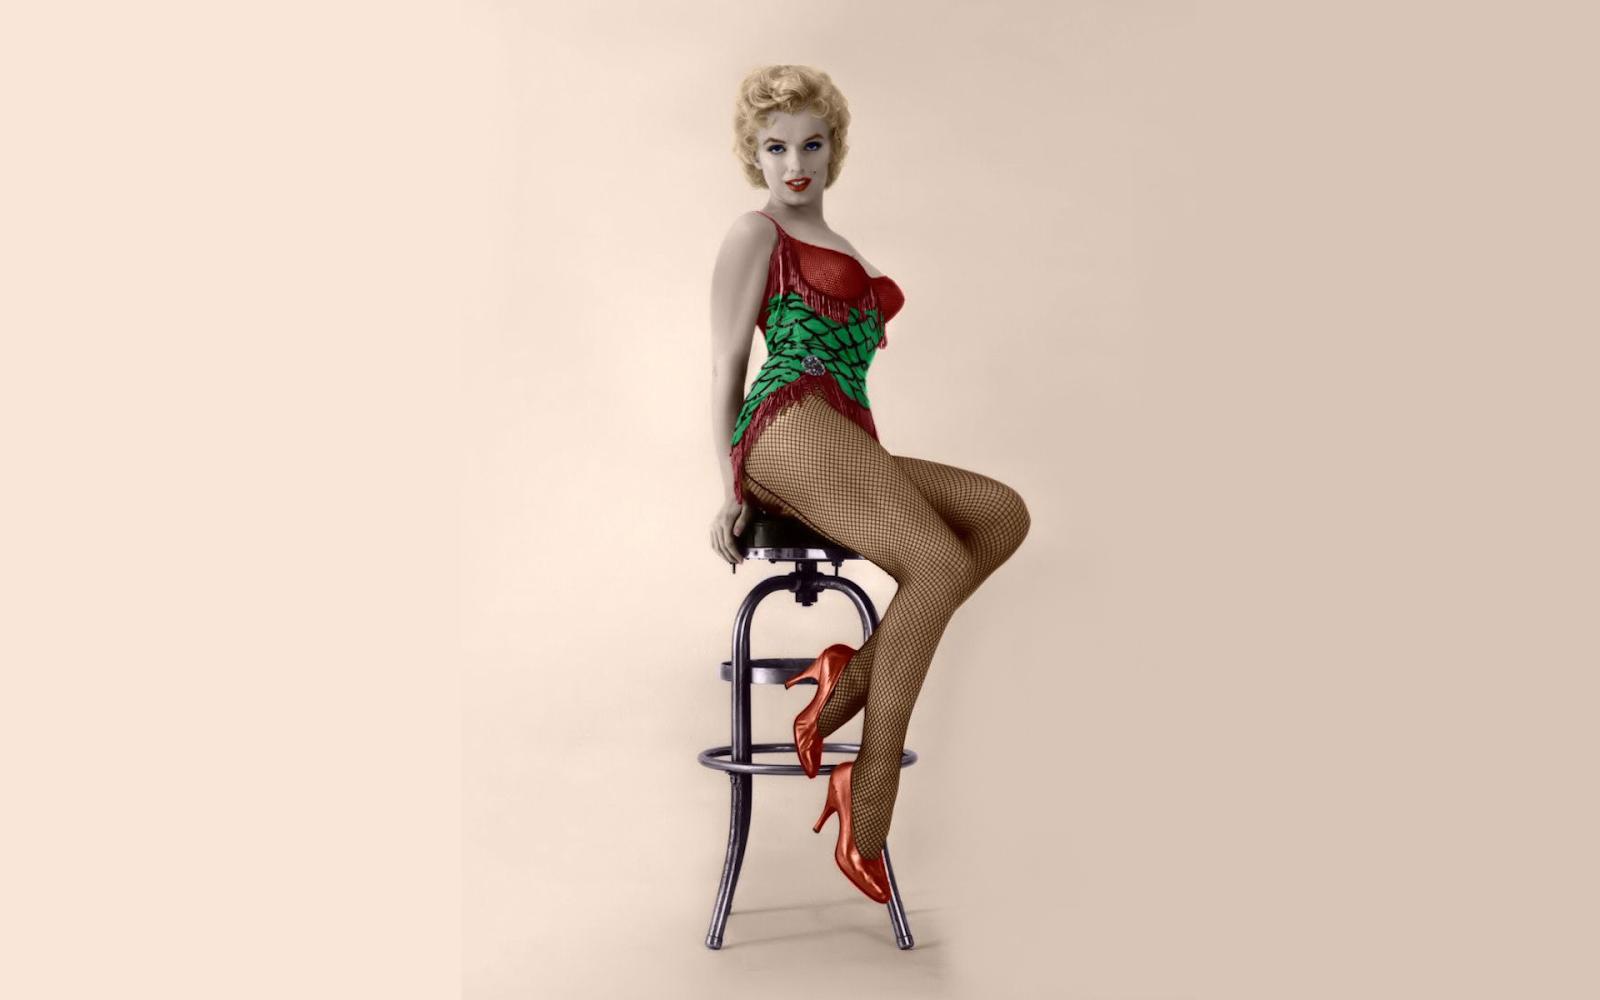 Marilyn Monroe with Guns Wallpaper - WallpaperSafari